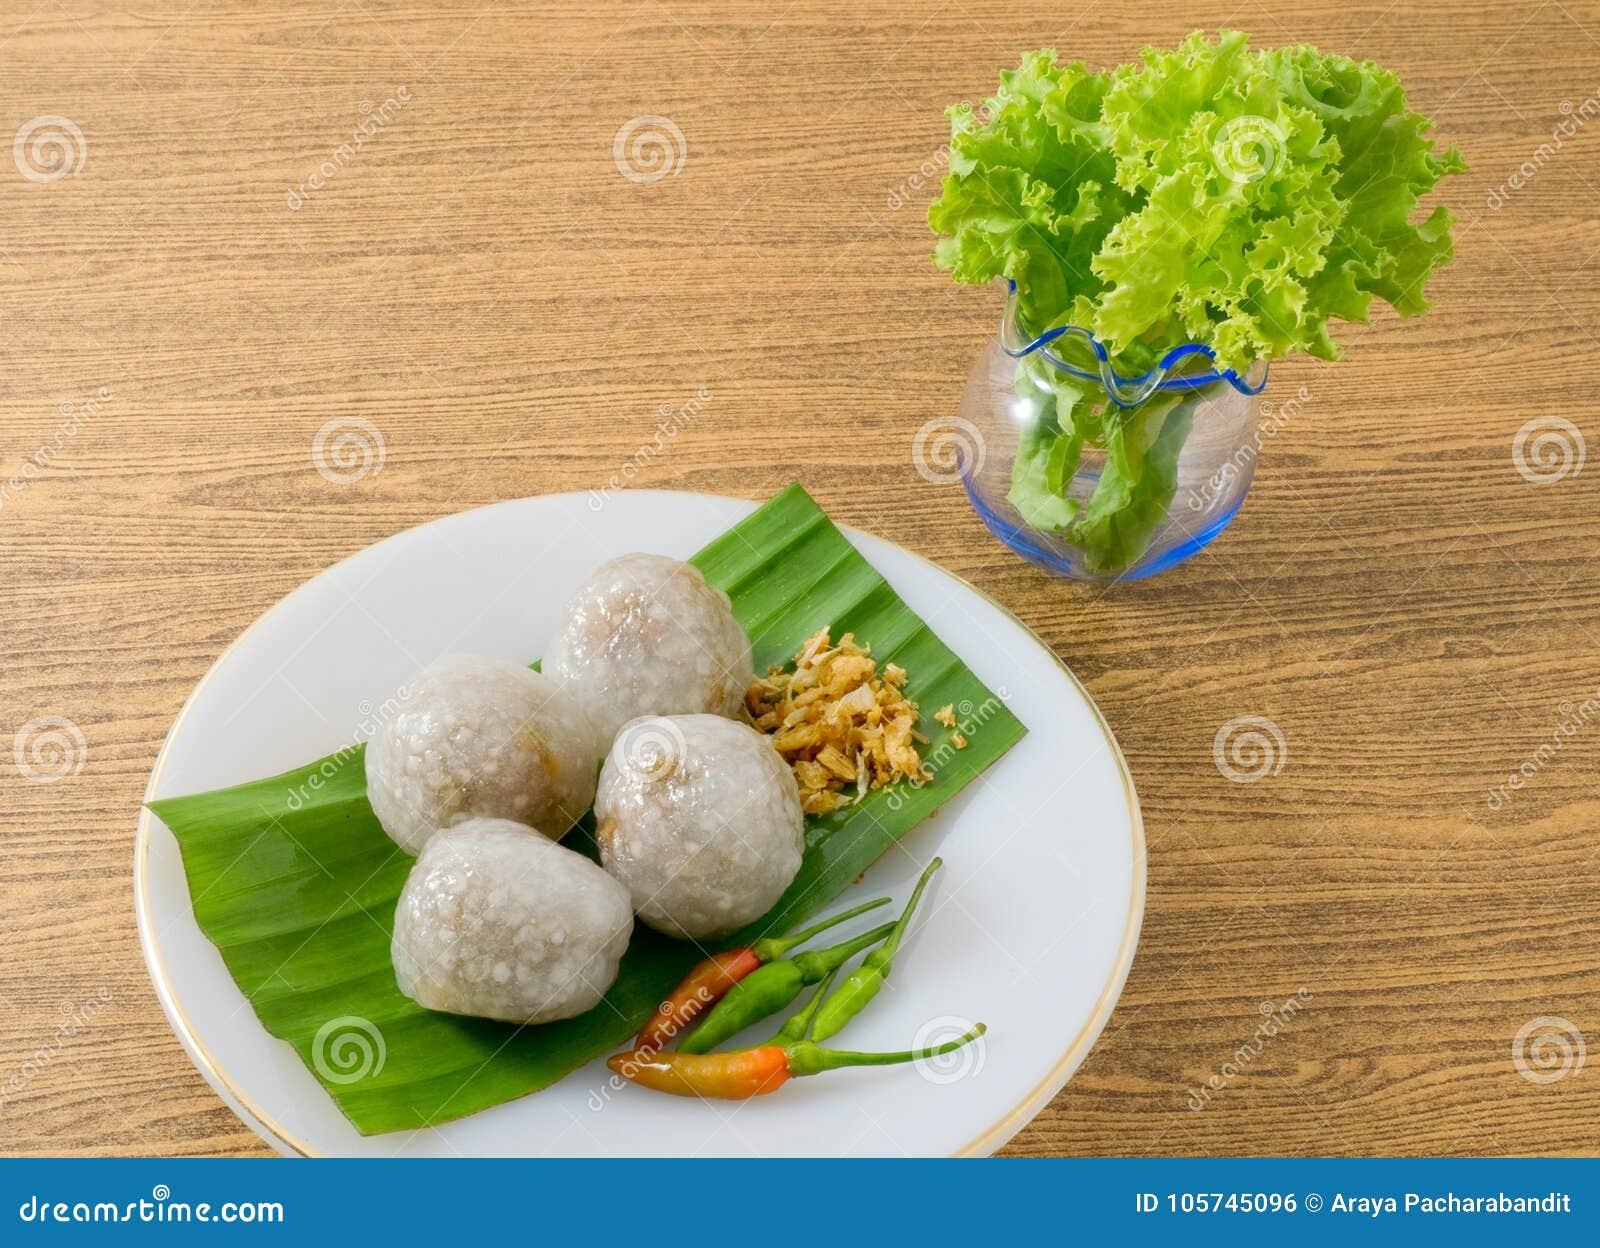 Bolas tailandesas de la tapioca servidas con las hojas de la lechuga